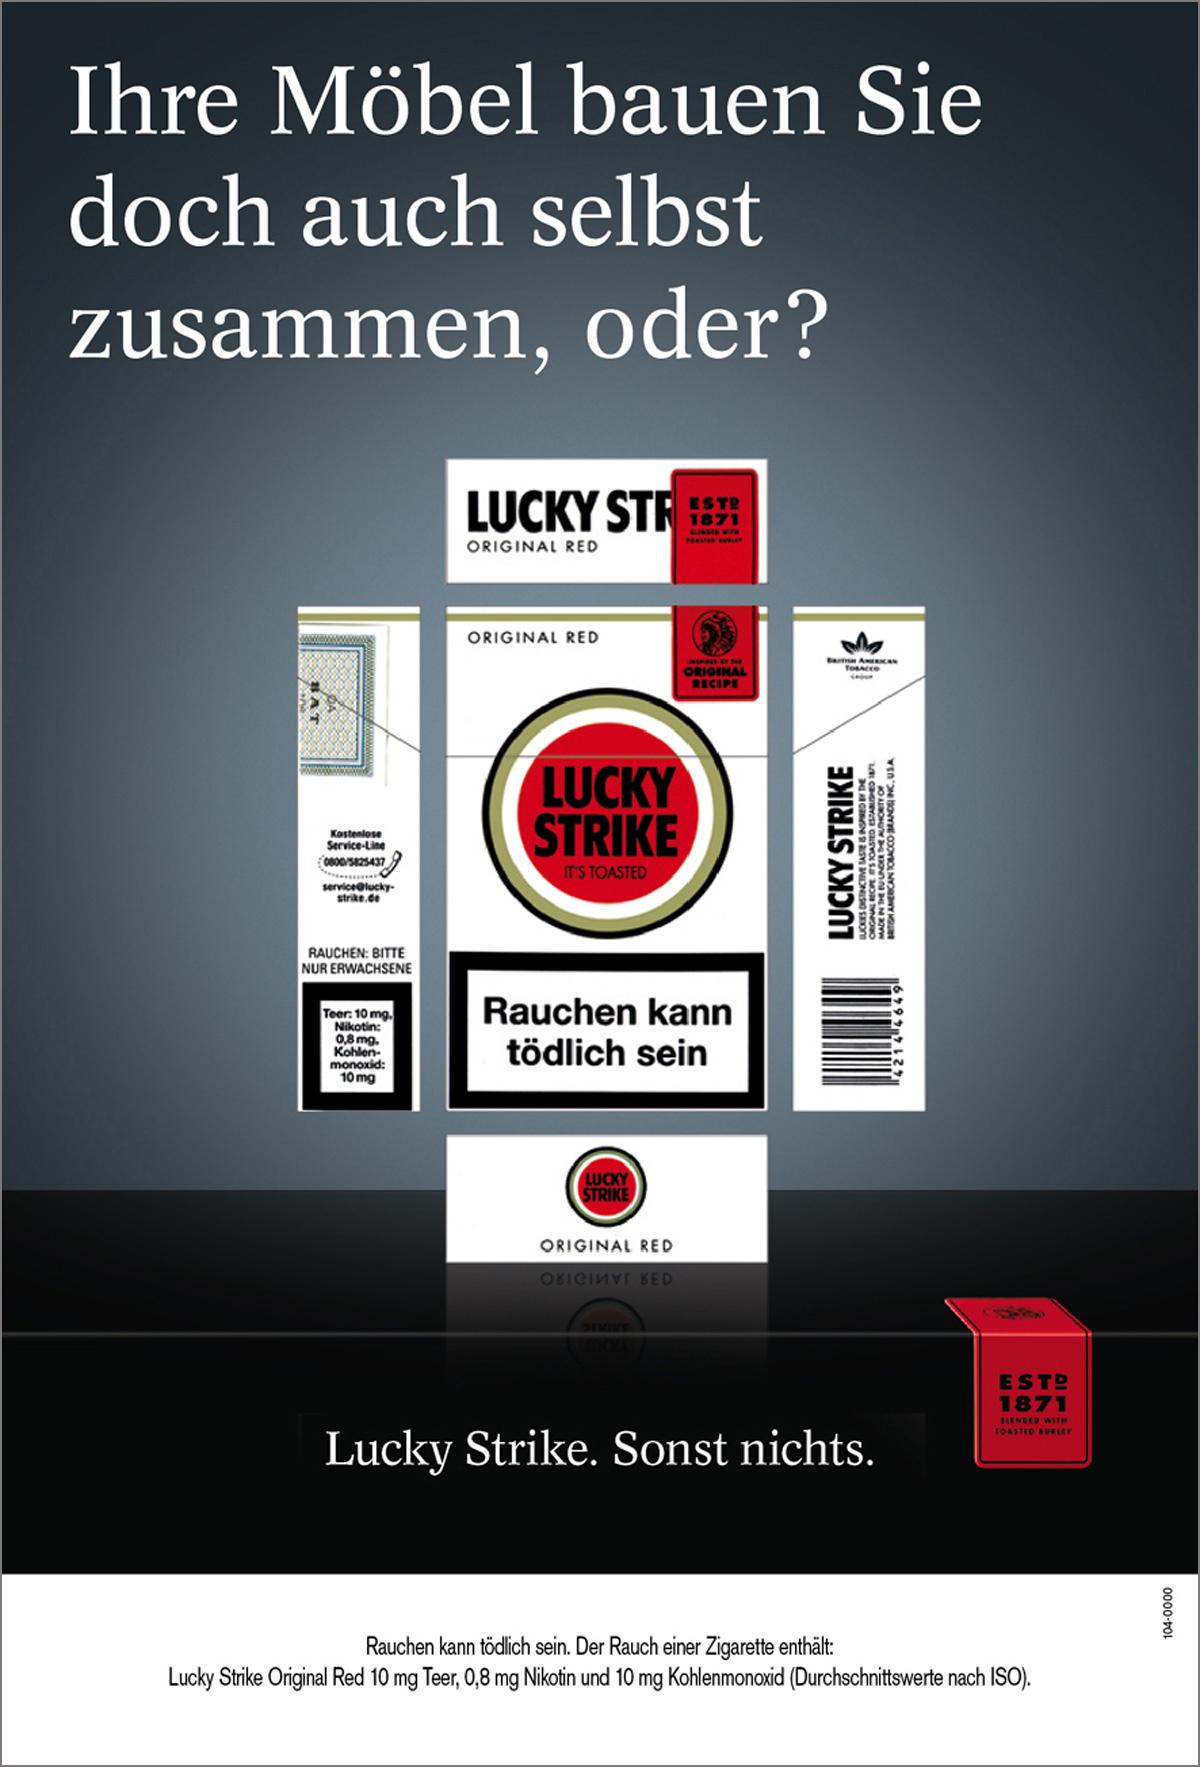 Motiv_3_LuckyStrikeKlassiker